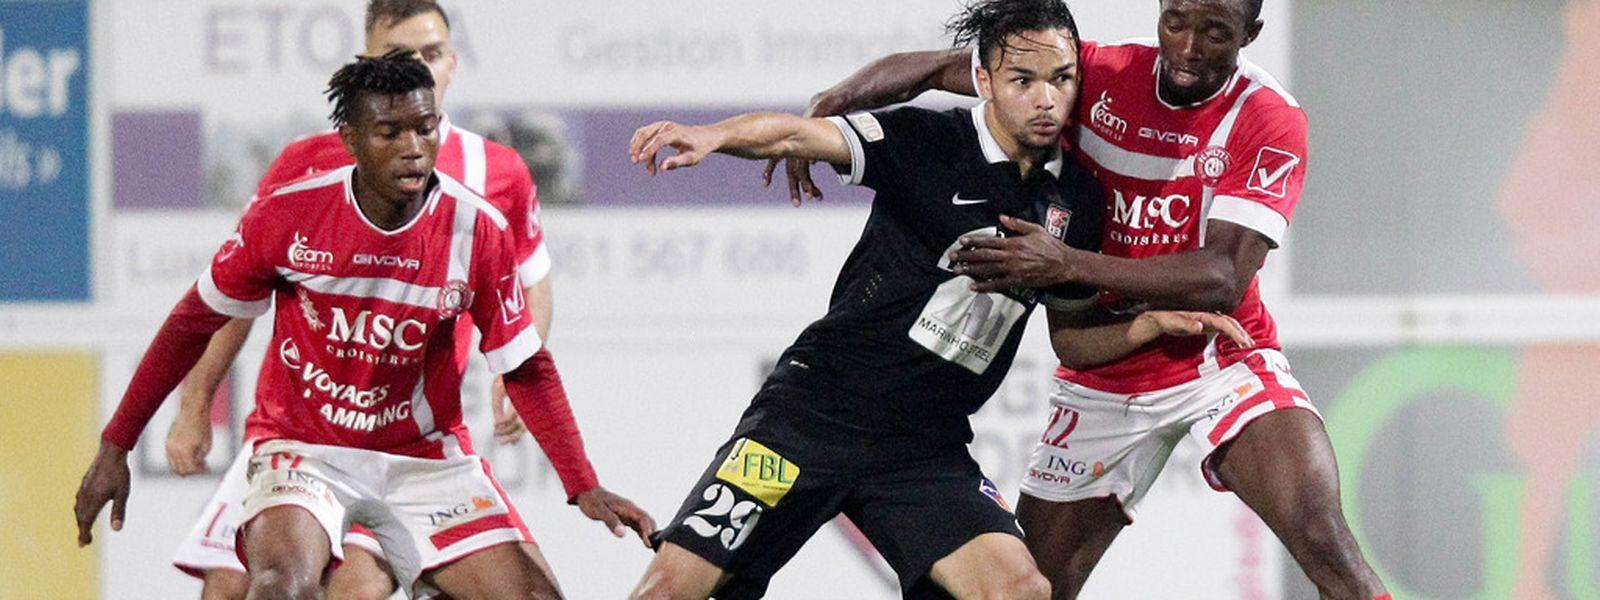 Après un début de match difficile, les Differdangeois ont égalisé grâce à Antonio Luisi.